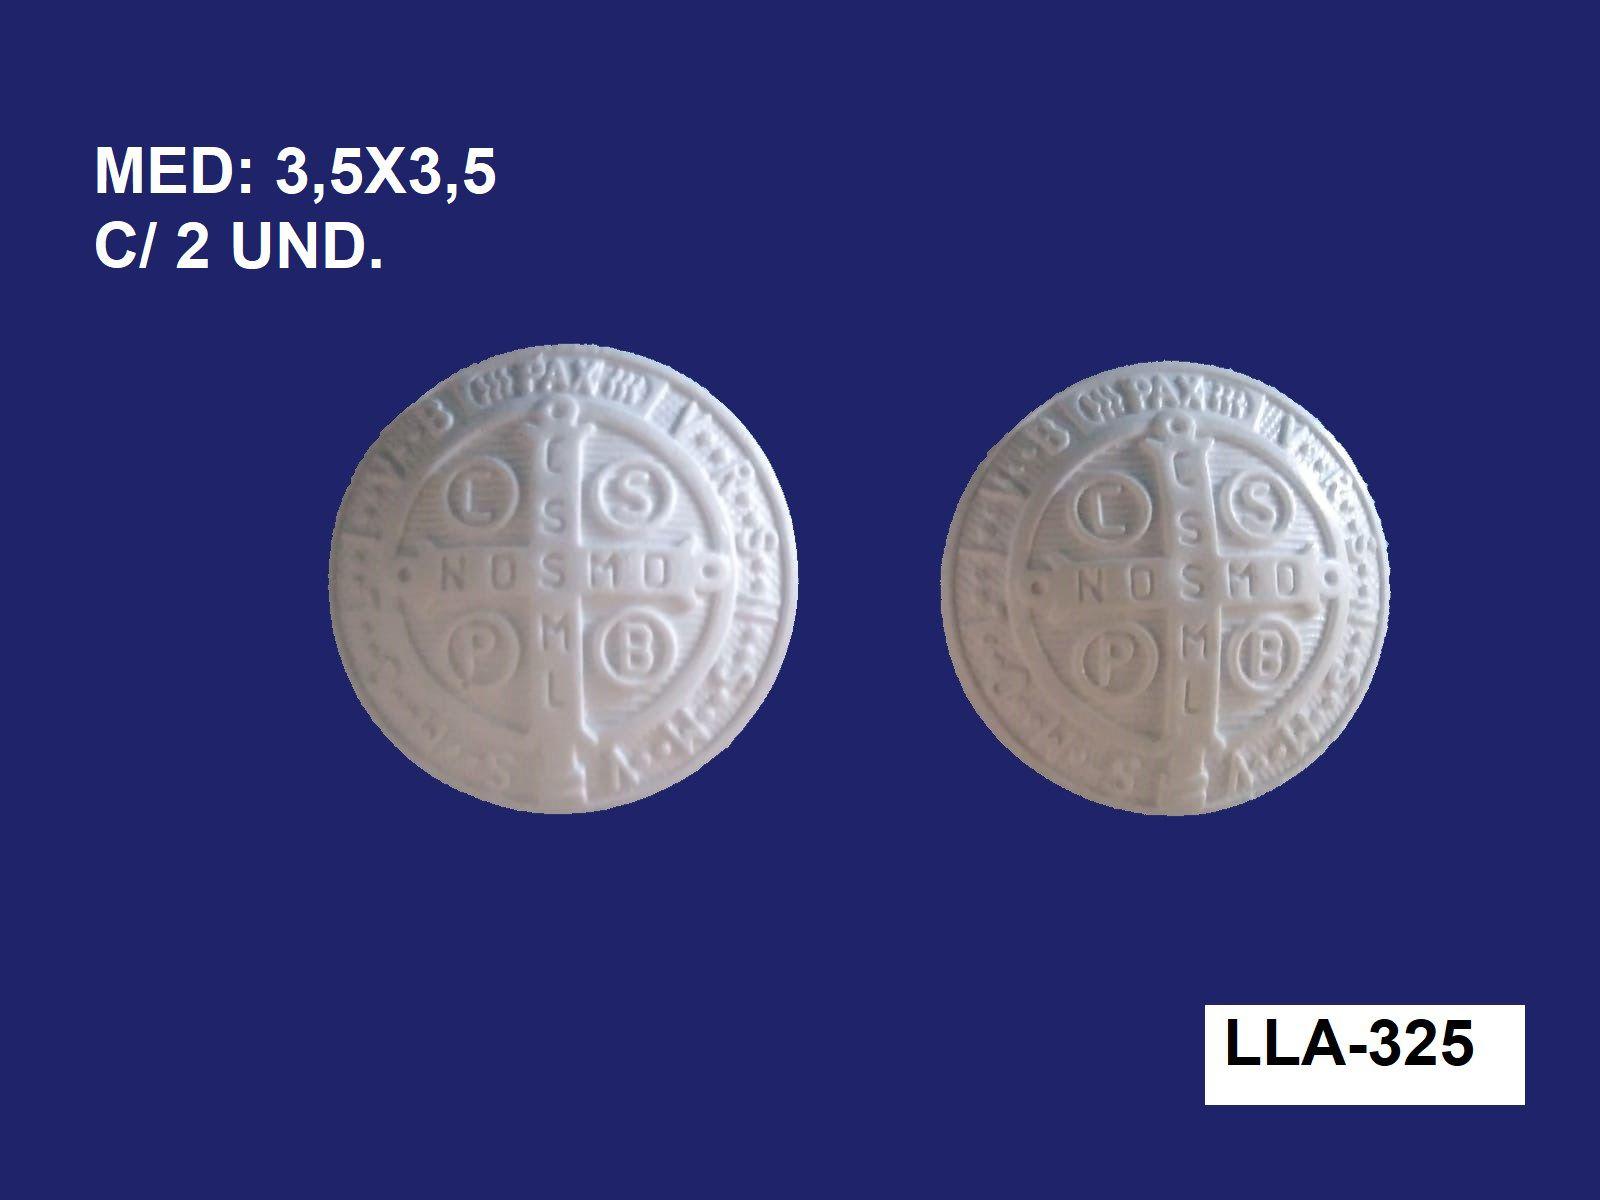 LLA-325 APL. MEDALHA DE SÃO BENTO CRUZ C/2 UND. 3,5X3,5CM